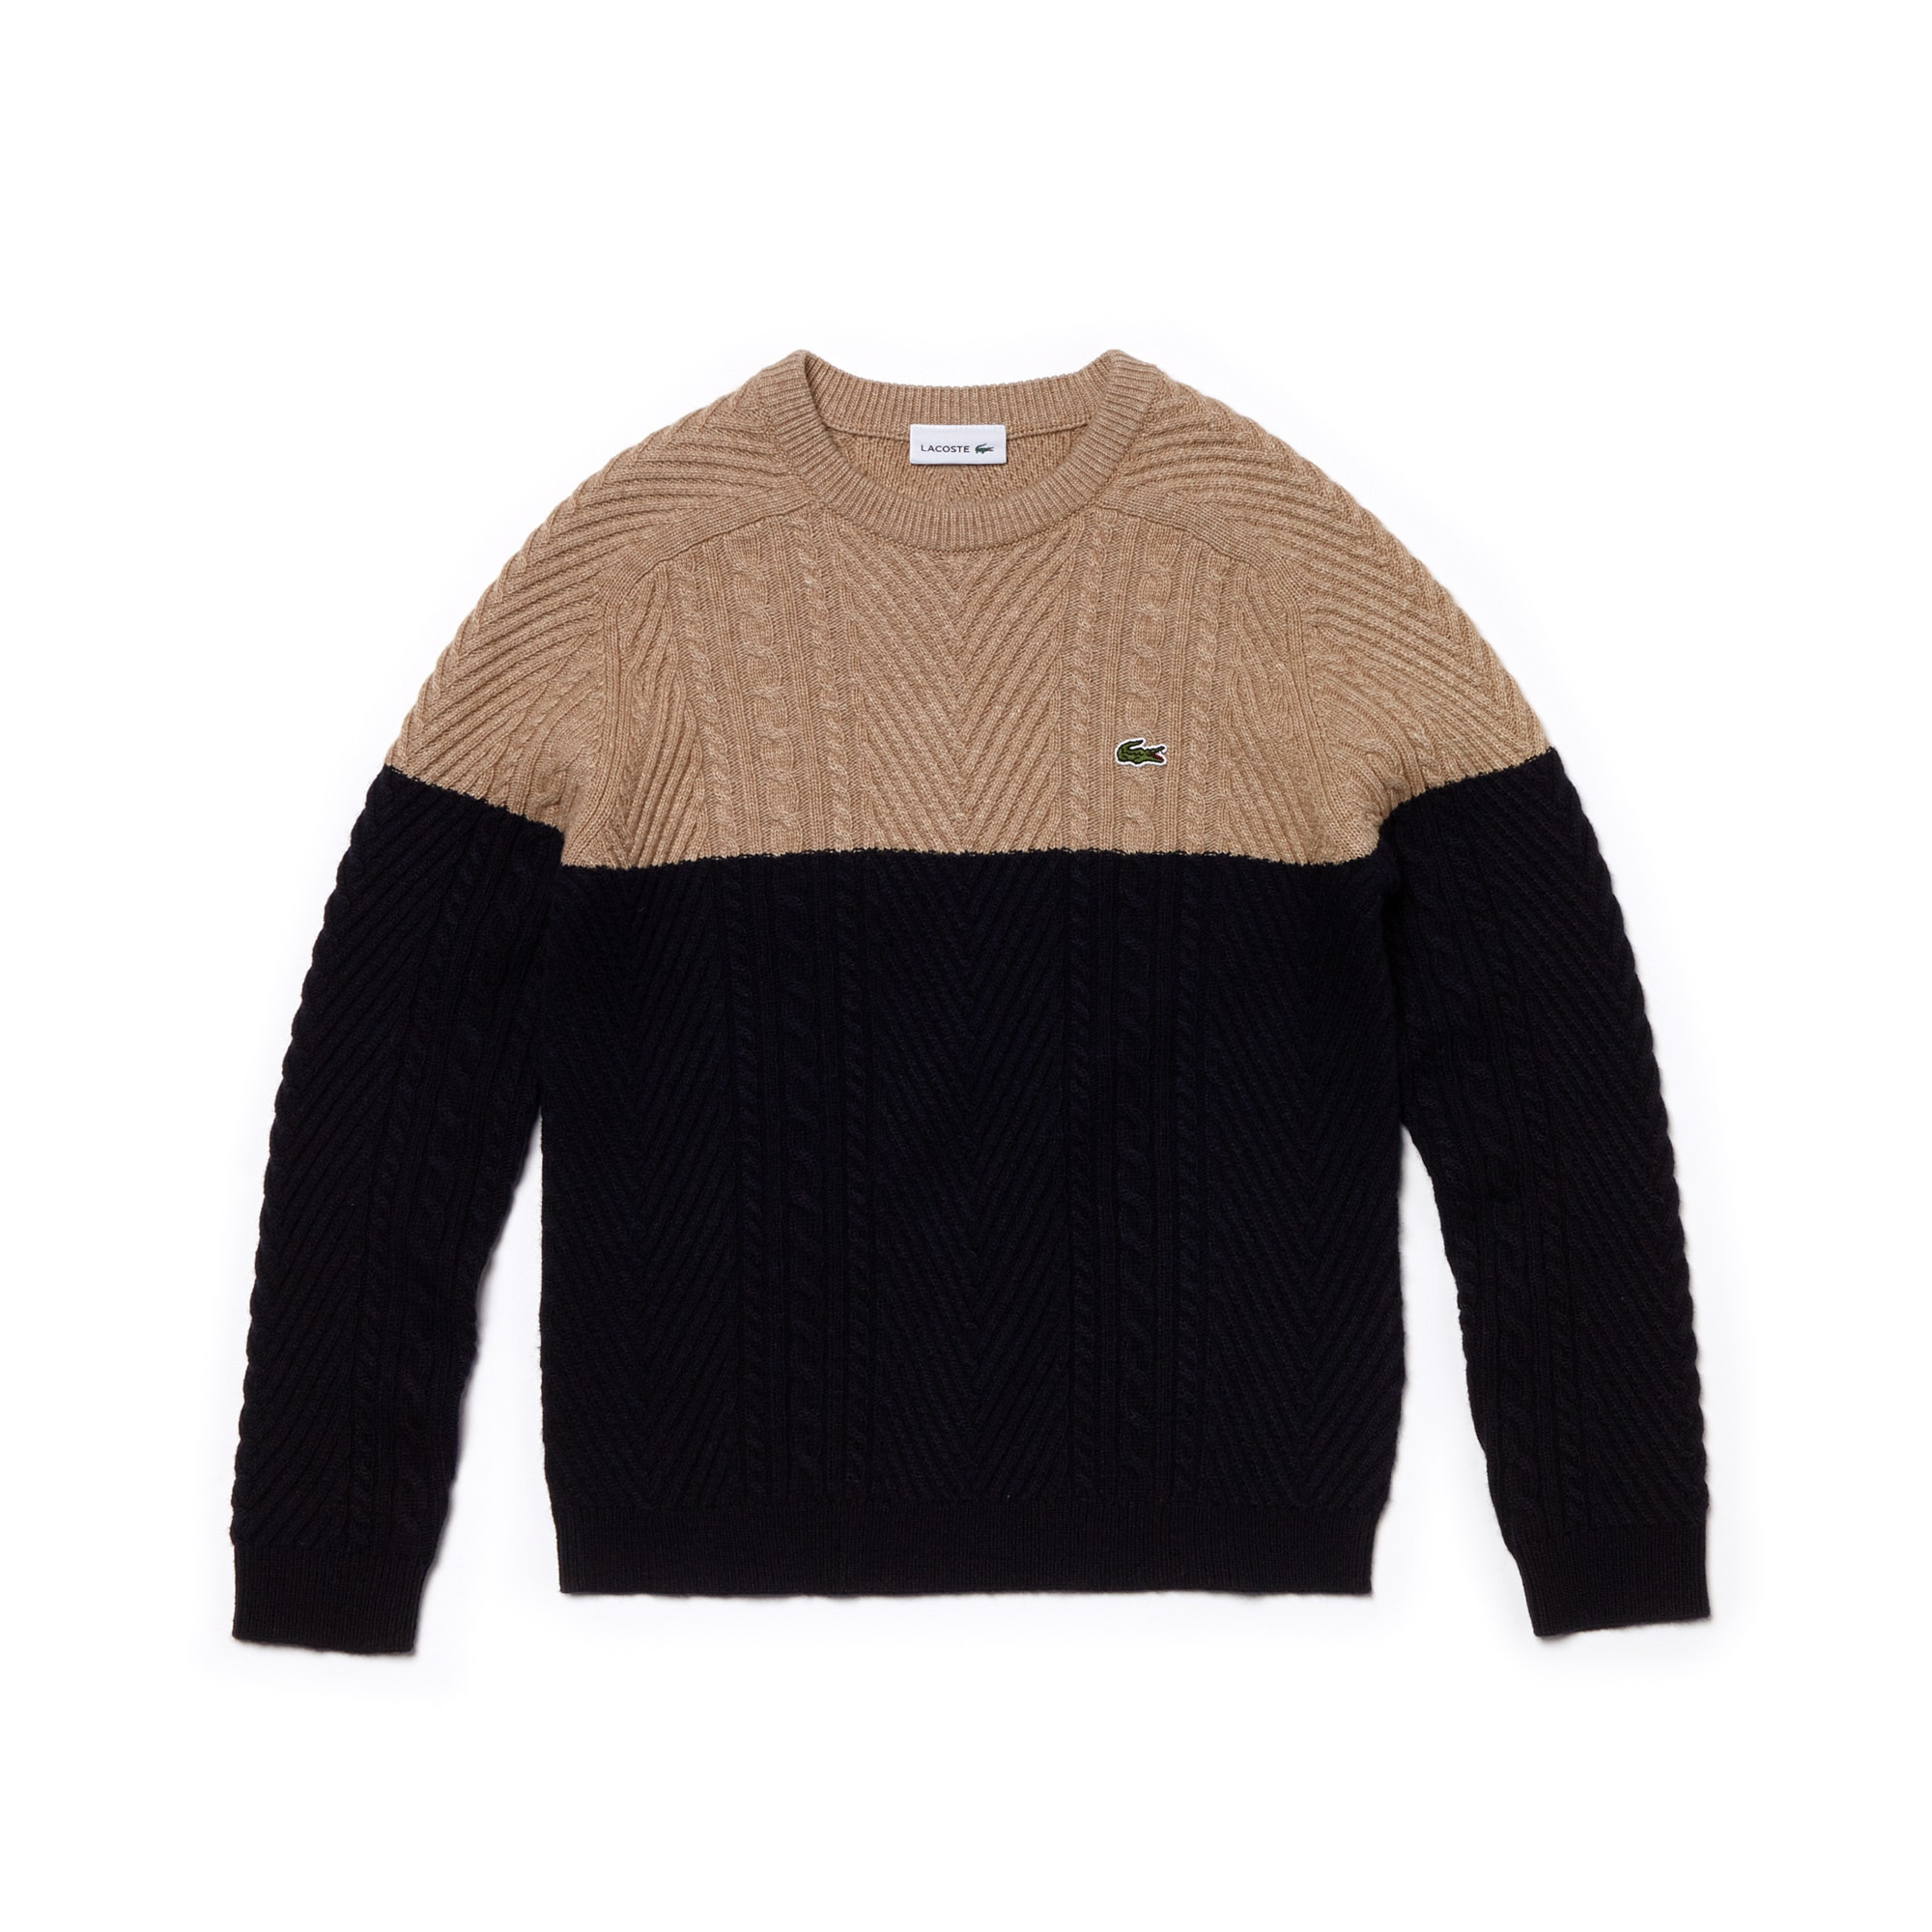 Sweater jongens kabelbreiwerk-katoenmix met ronde hals en colorblock